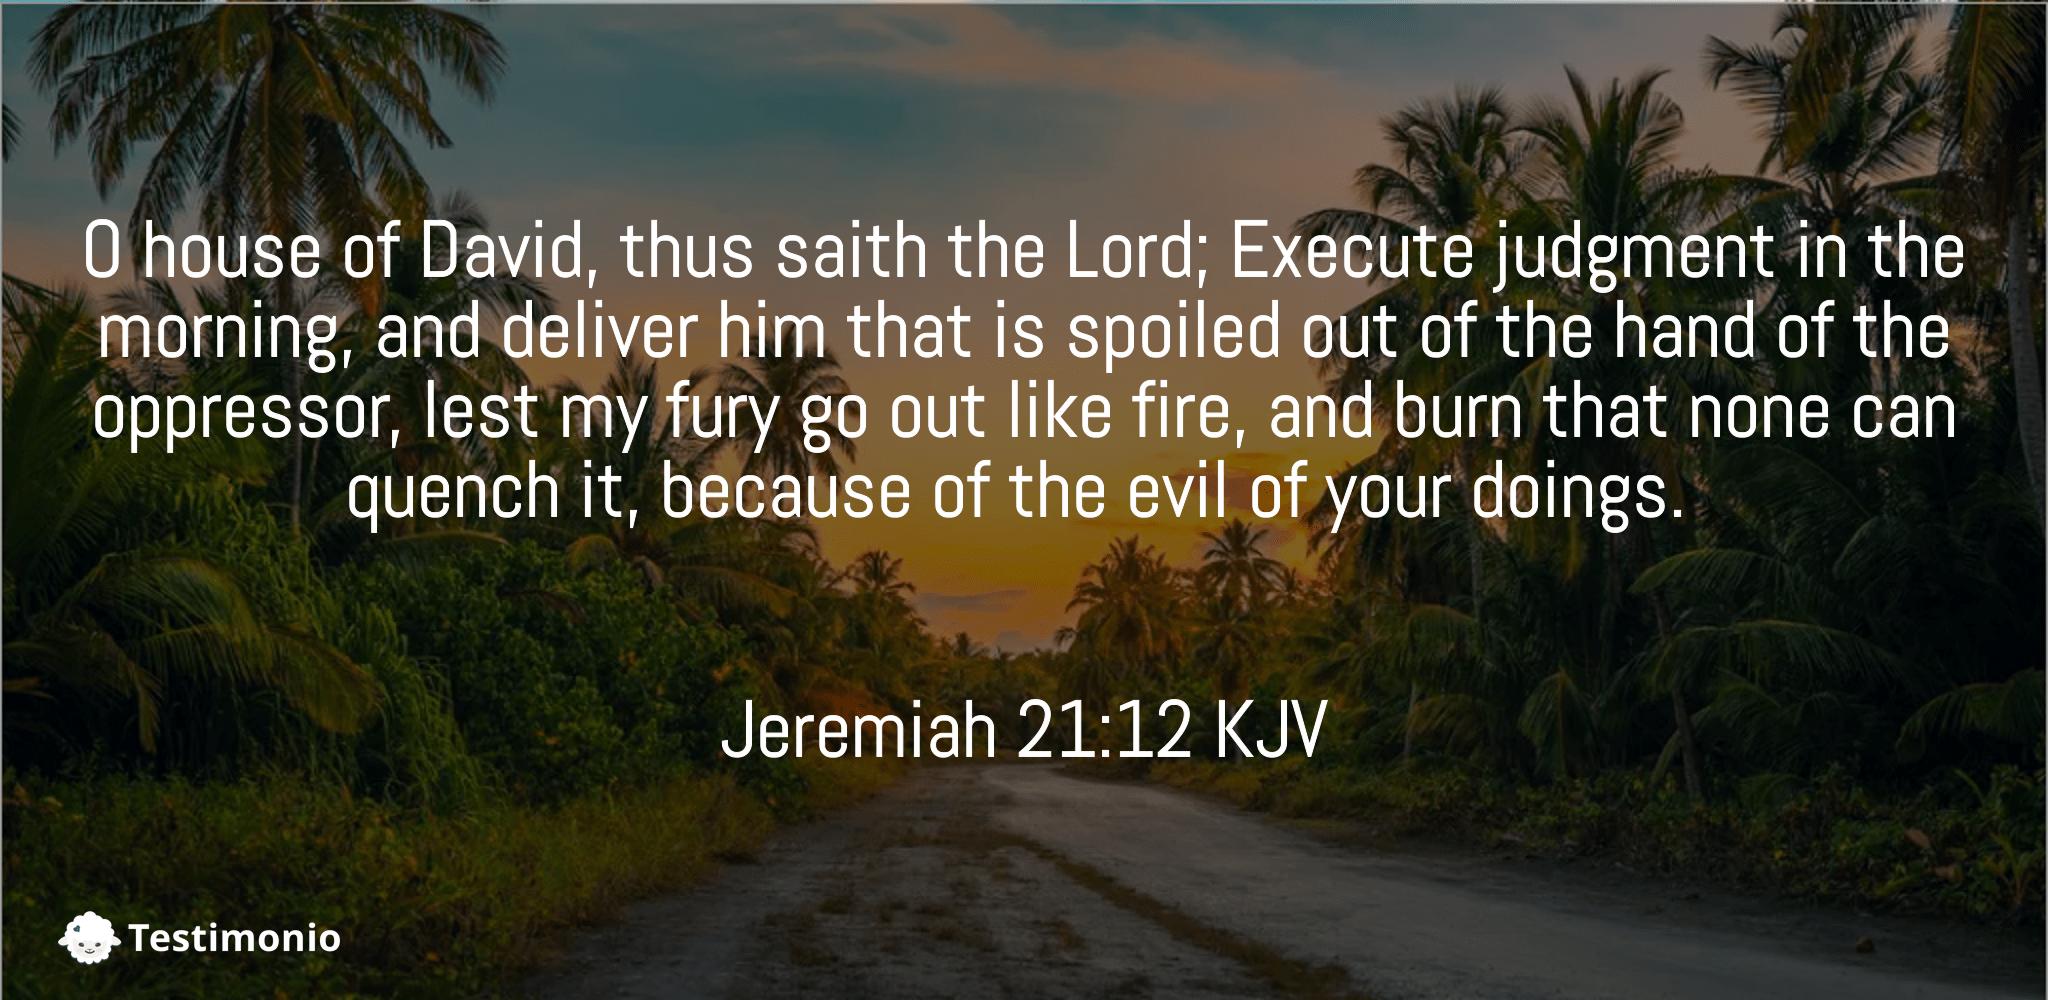 Jeremiah 21:12